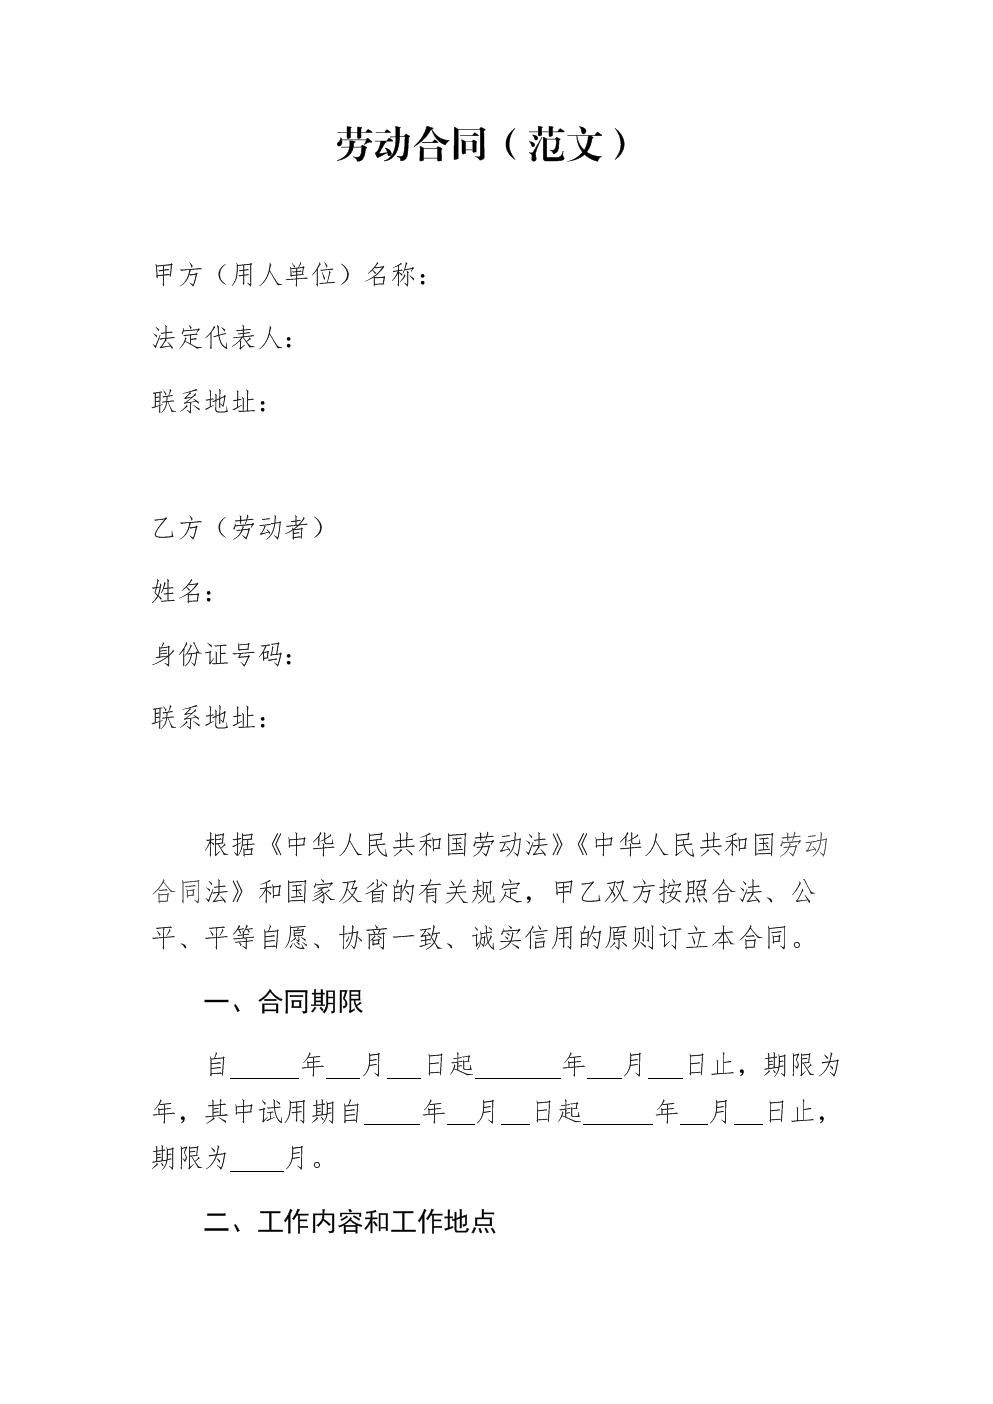 用人单位劳动合同(范文).docx